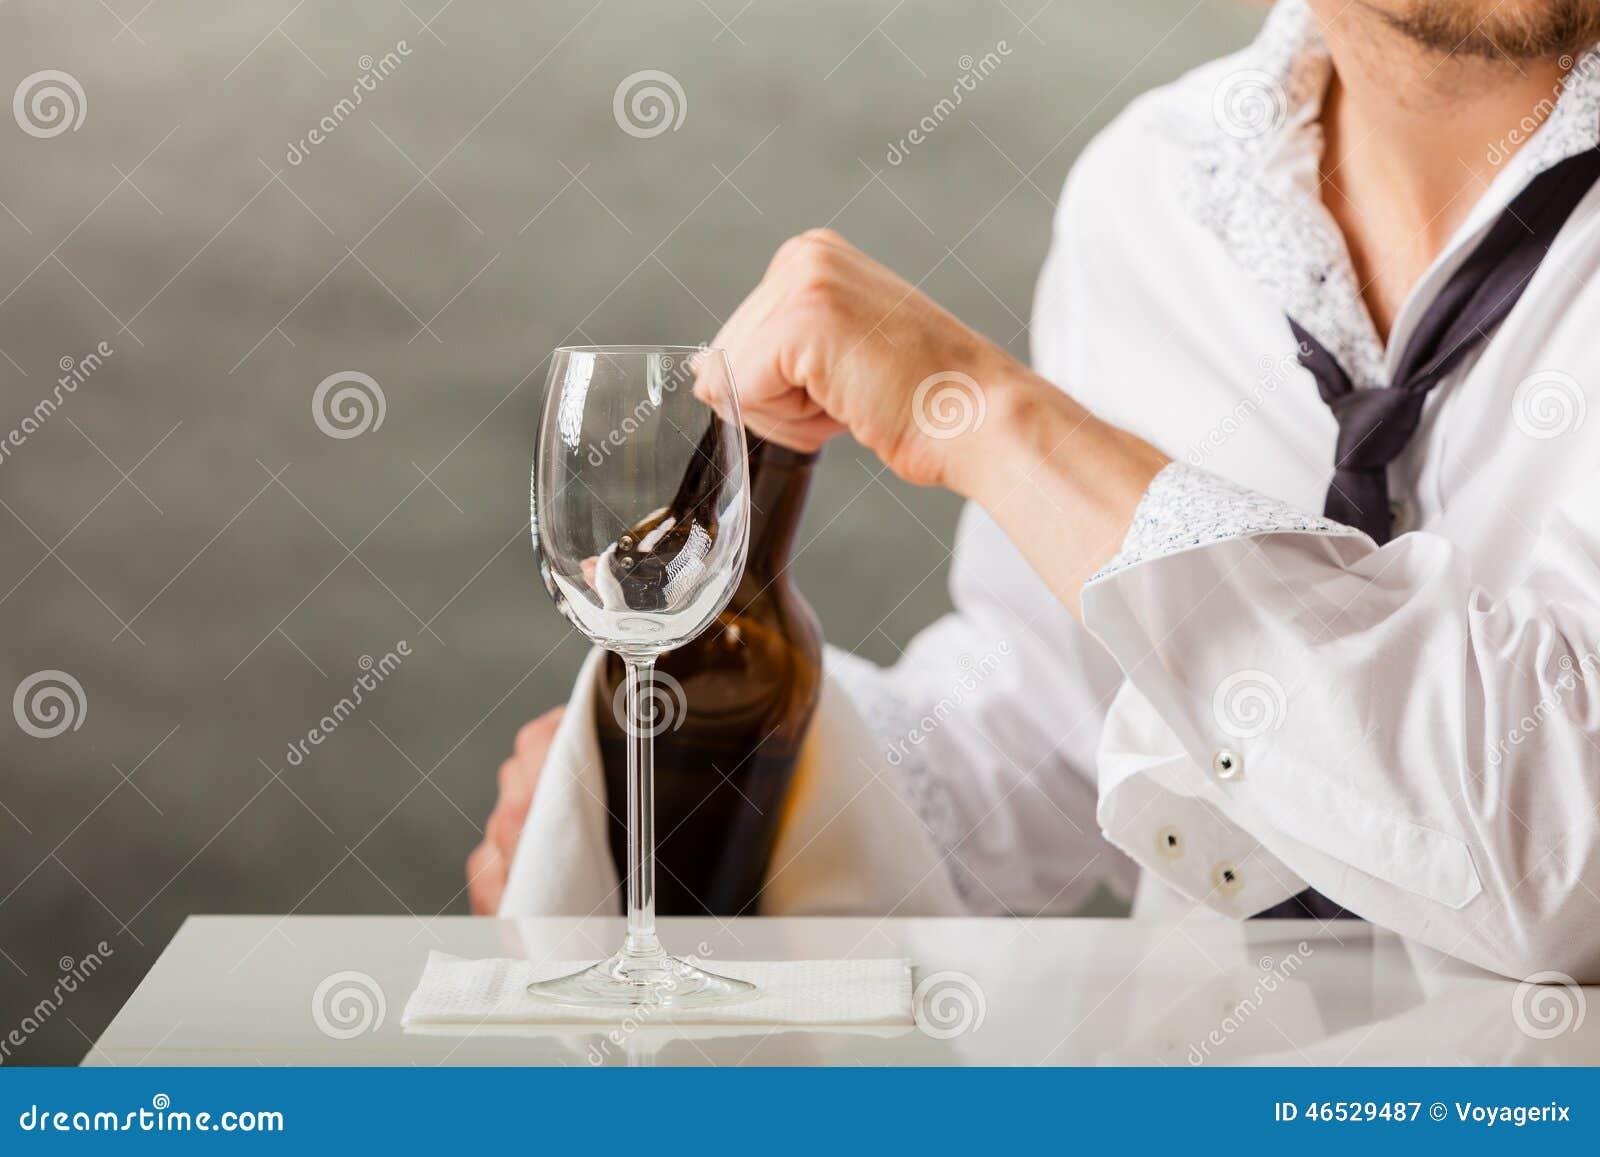 De gietende wijn van de mensenkelner in glas